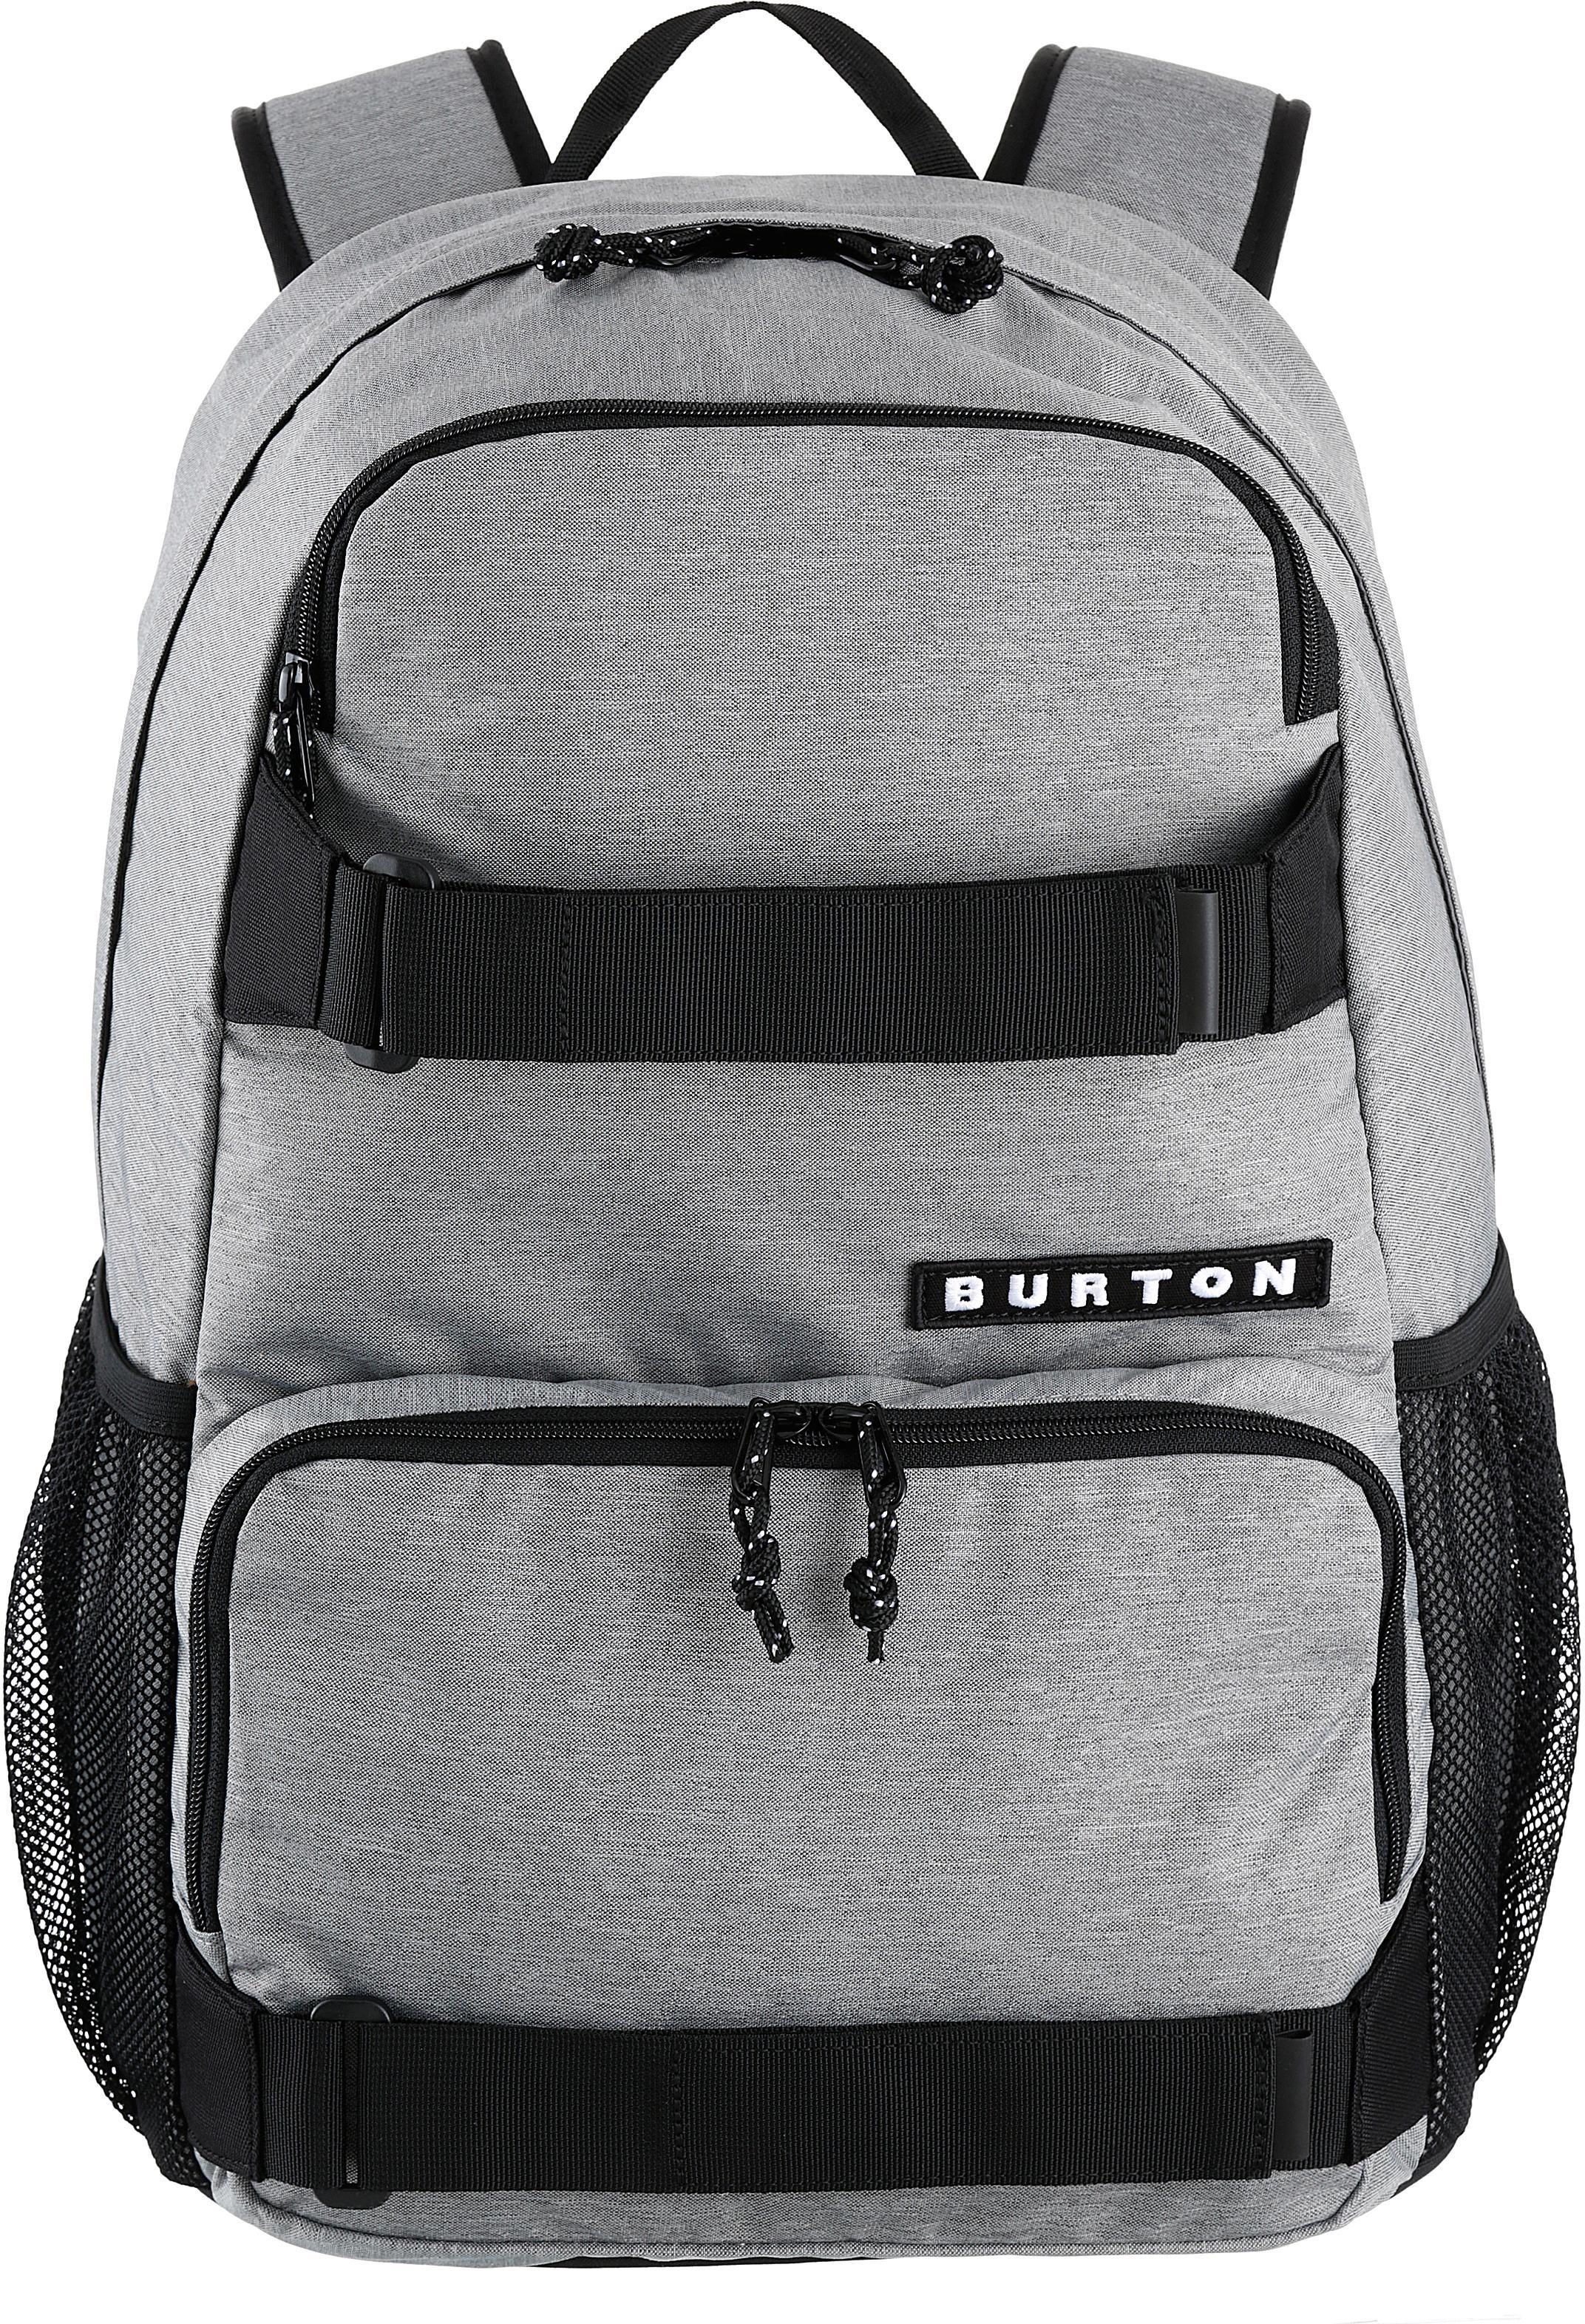 Burton Rucksack mit Laptop- und Tabletfach,  Treble Yell, Grey Heather  Preisvergleich